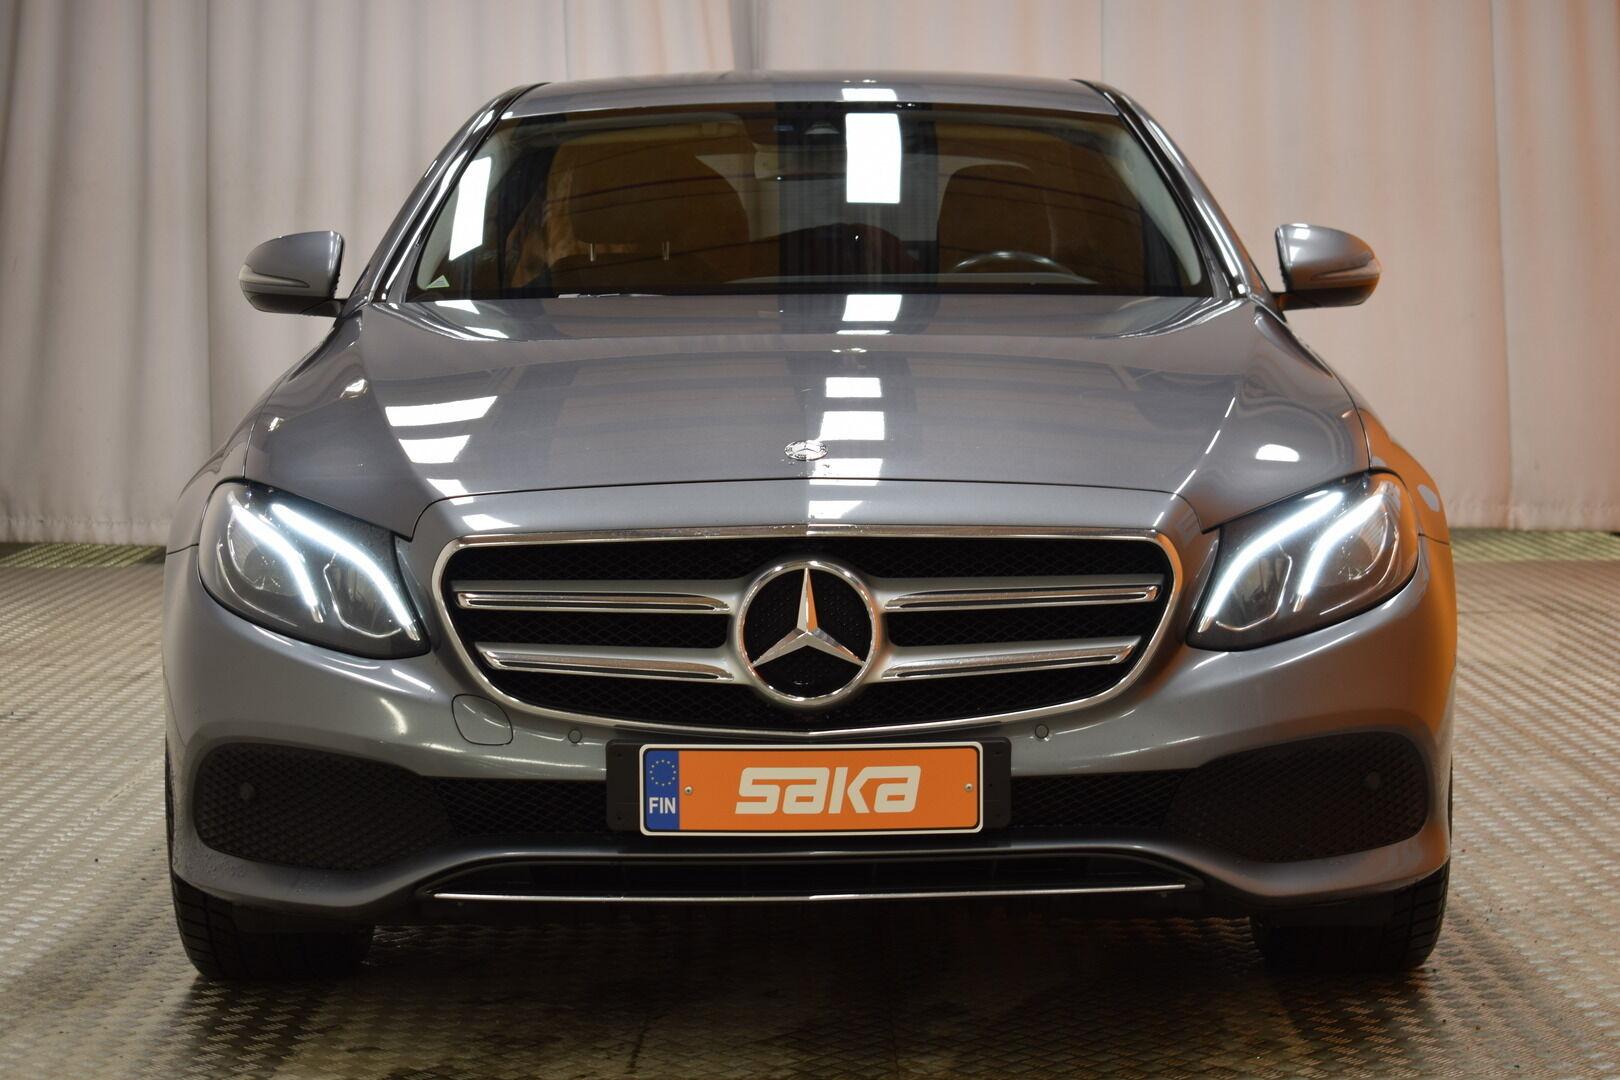 Harmaa Sedan, Mercedes-Benz E – KON-8903, kuva 2